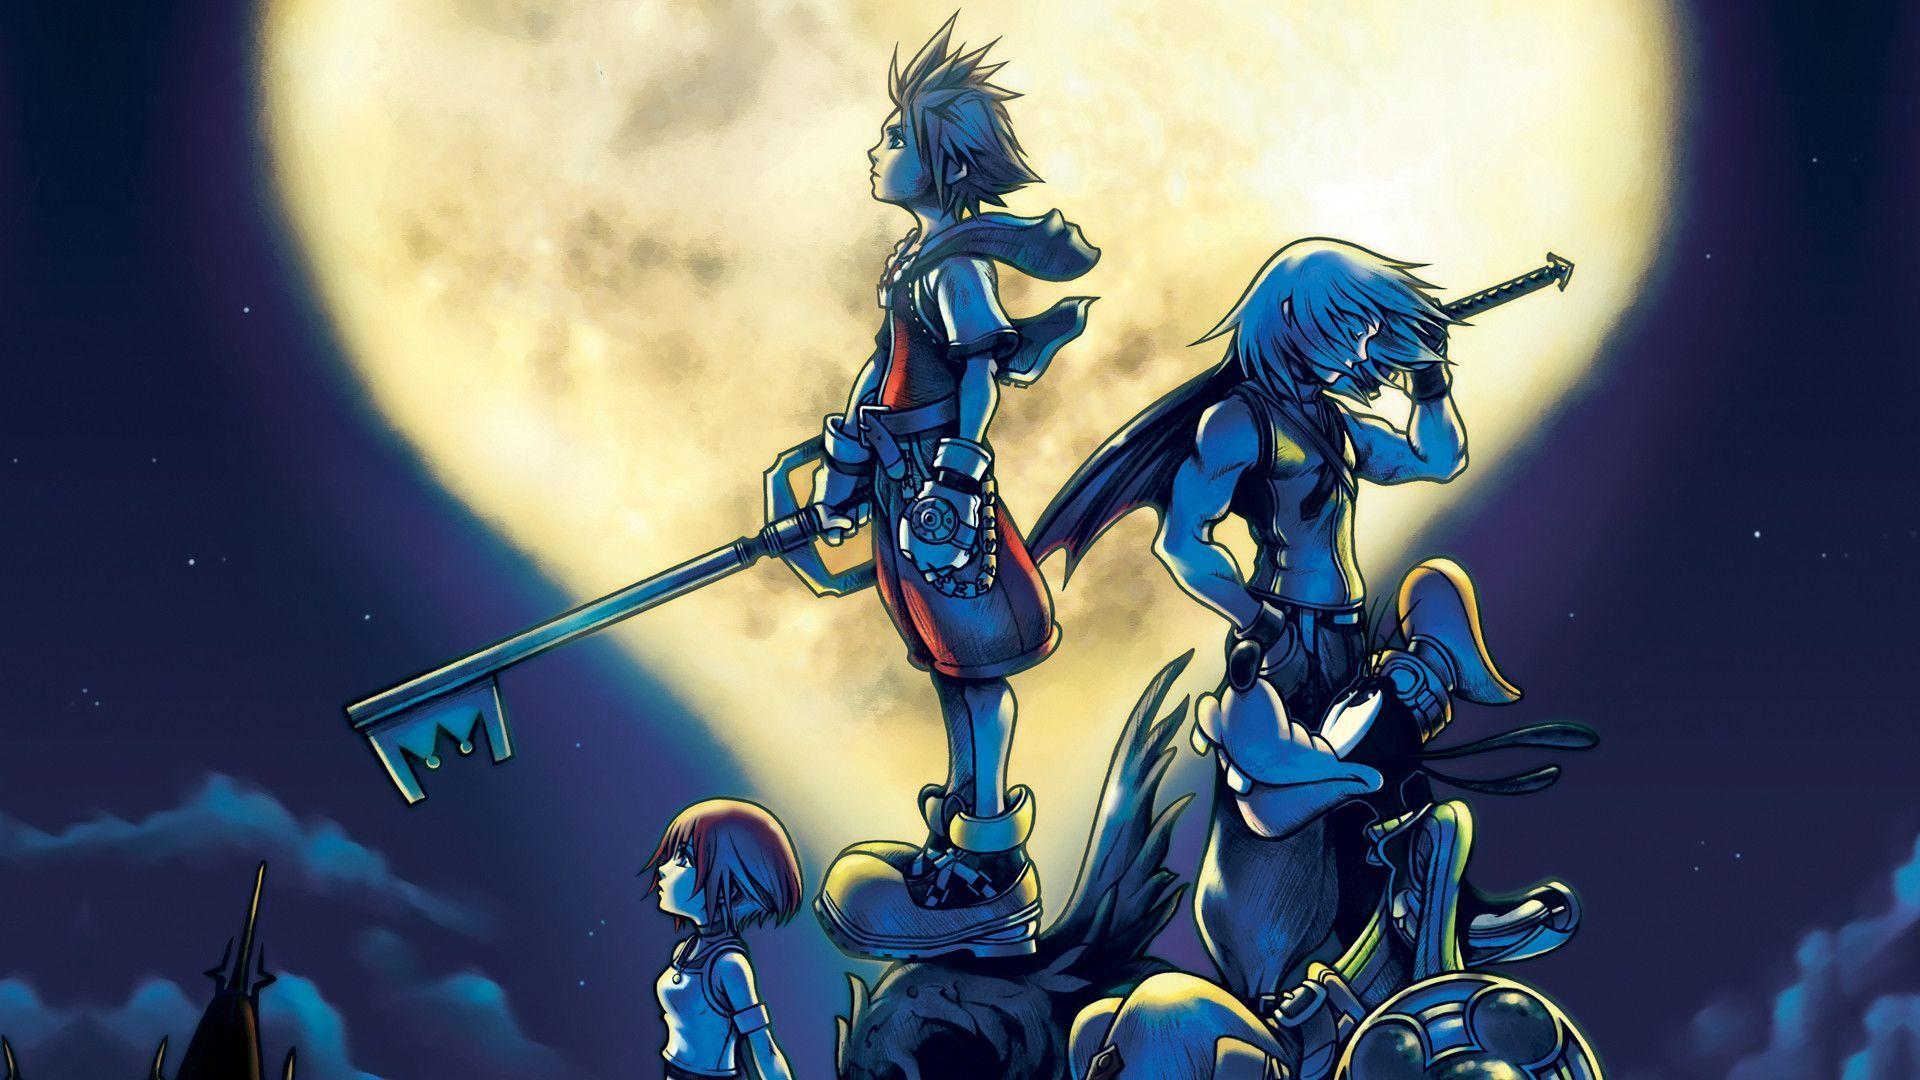 Kingdom Hearts Sora Image | meu | Pinterest | Wallpaper